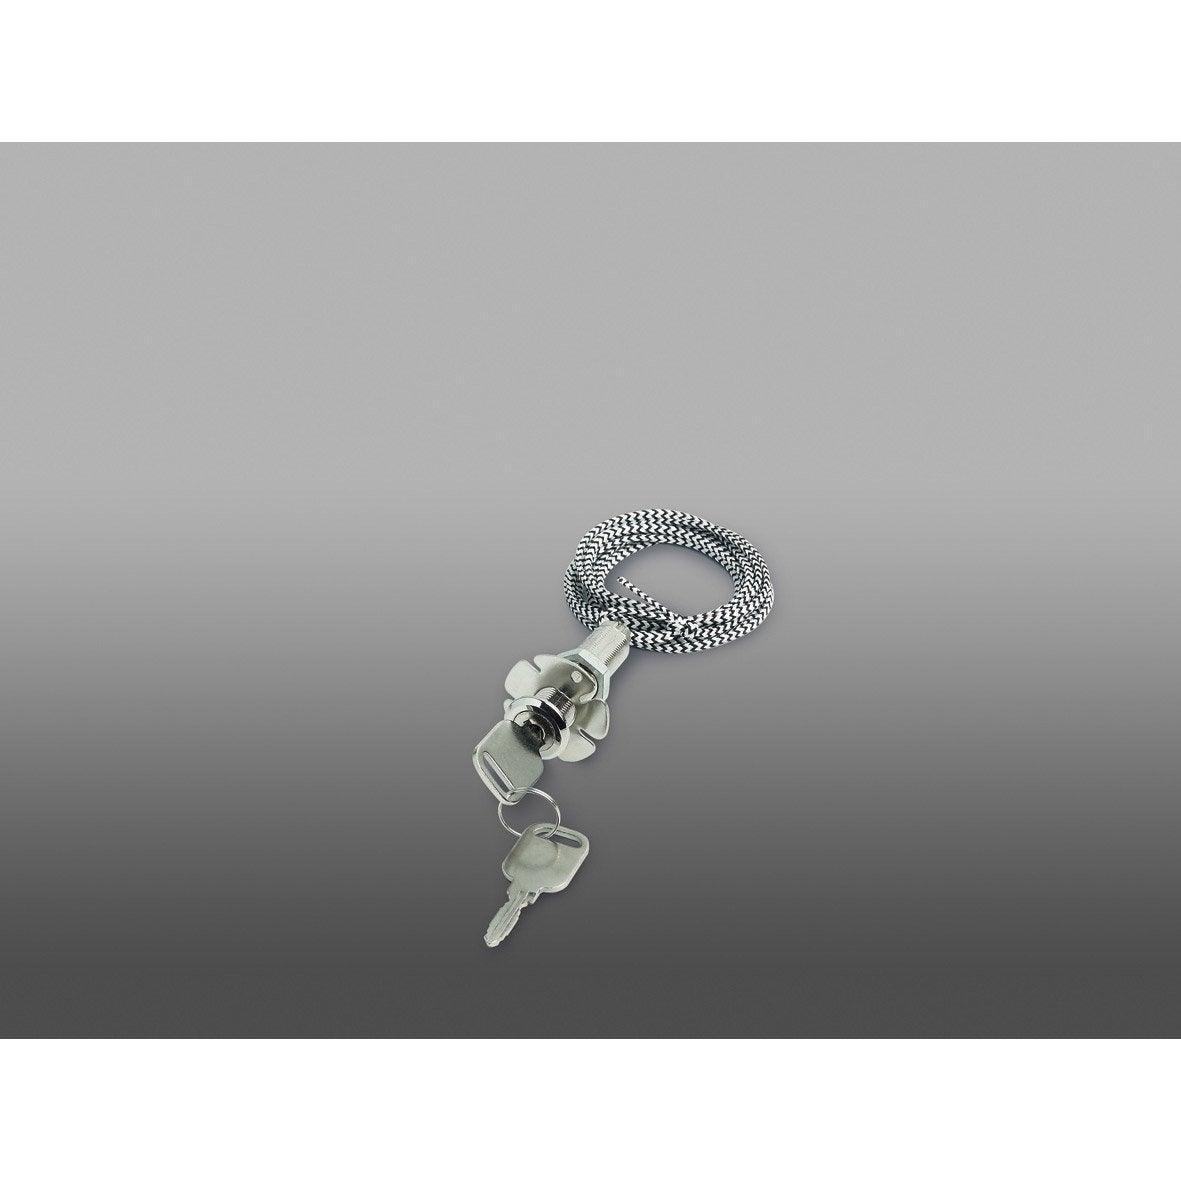 Kit De Déverrouillage Ecostar Pour Porte De Garage Sectionnelle - Porte de garage sectionnelle avec poignée de porte pvc a clé